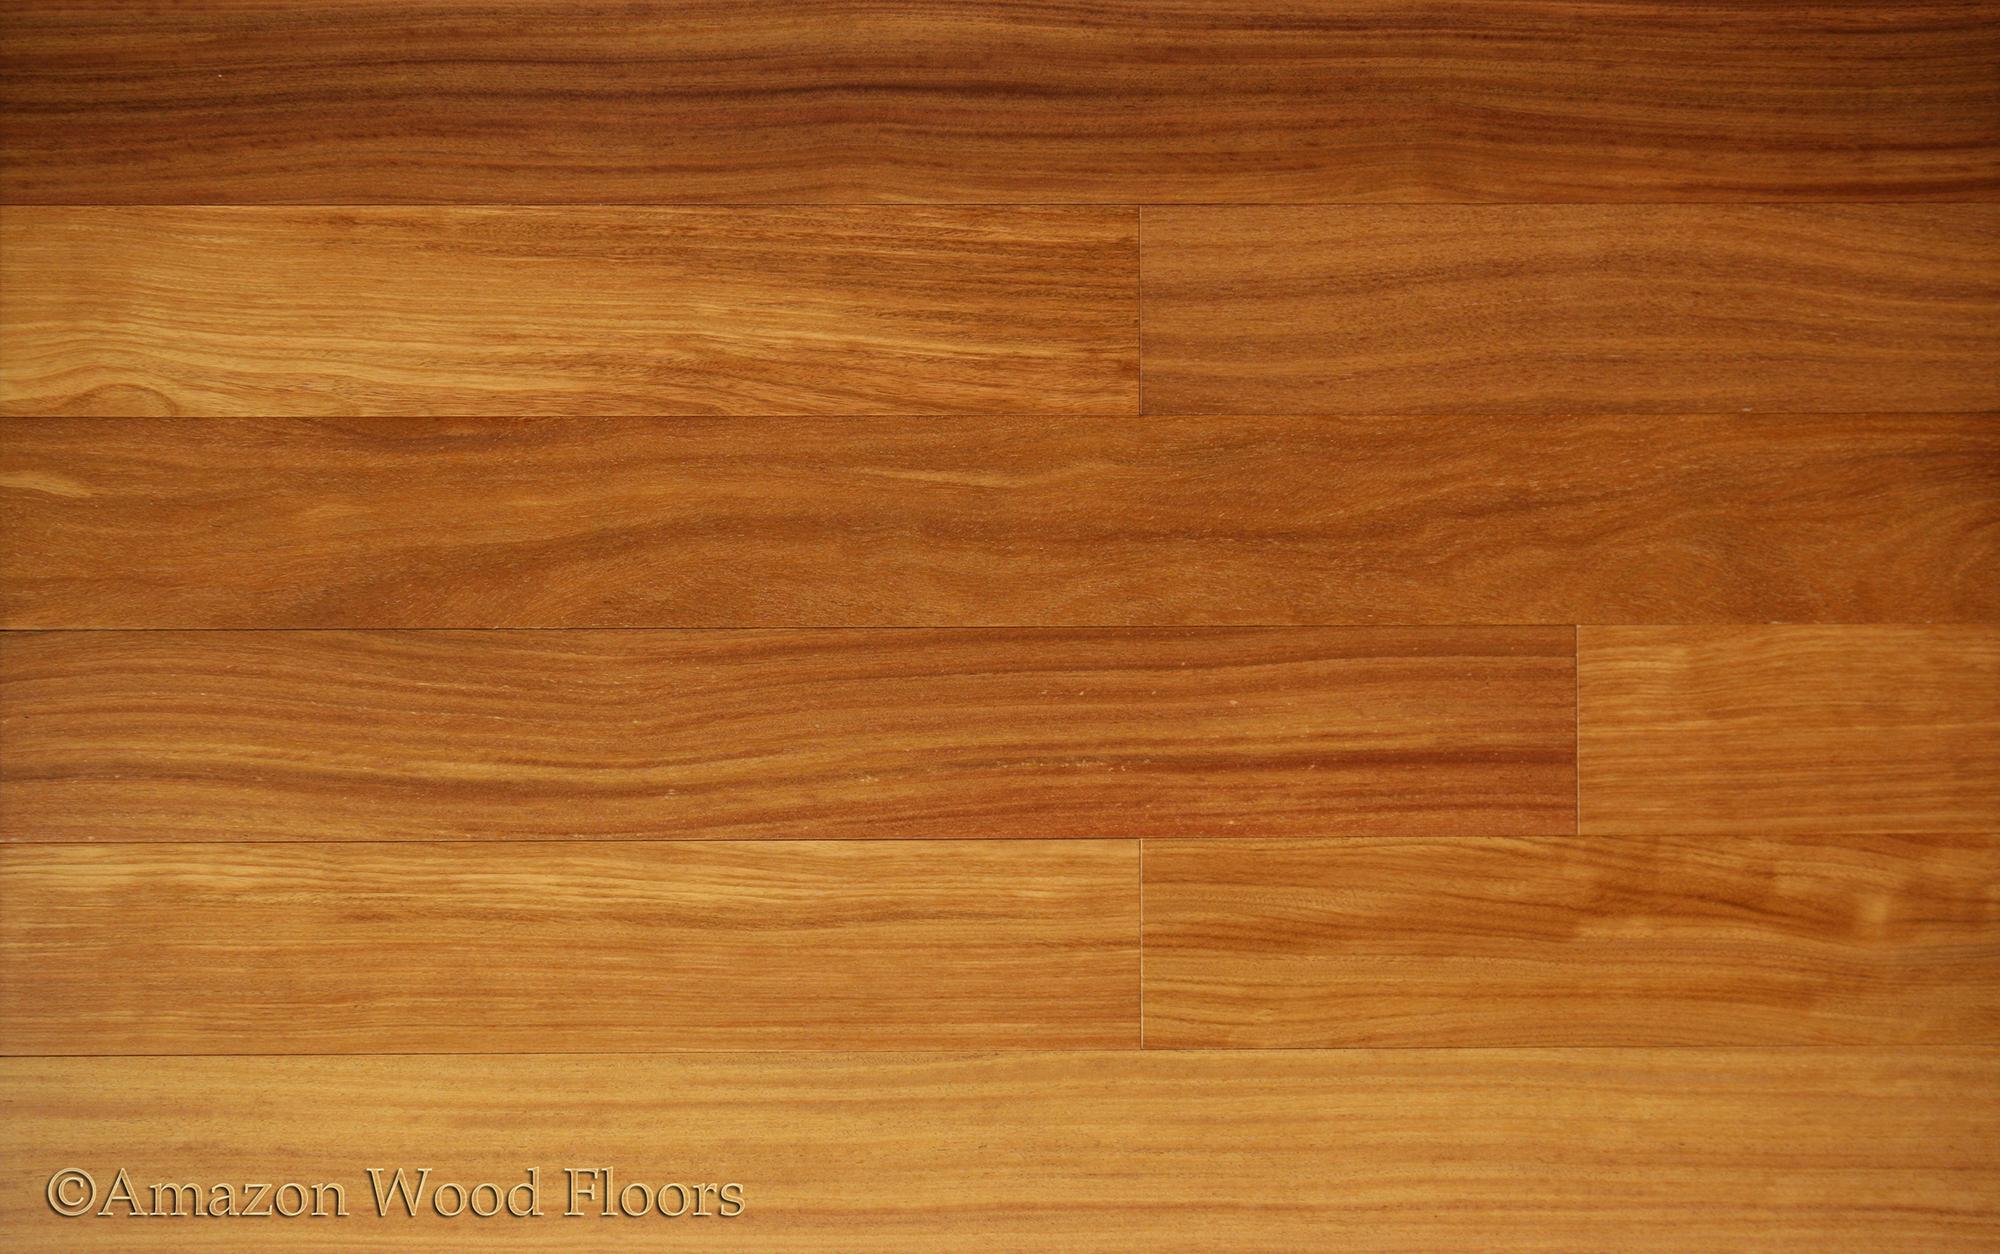 Teak Wooden Flooring Texture Brazilian \x3cb\x3eteak\x3cb\x3e cumaru 2000x1254